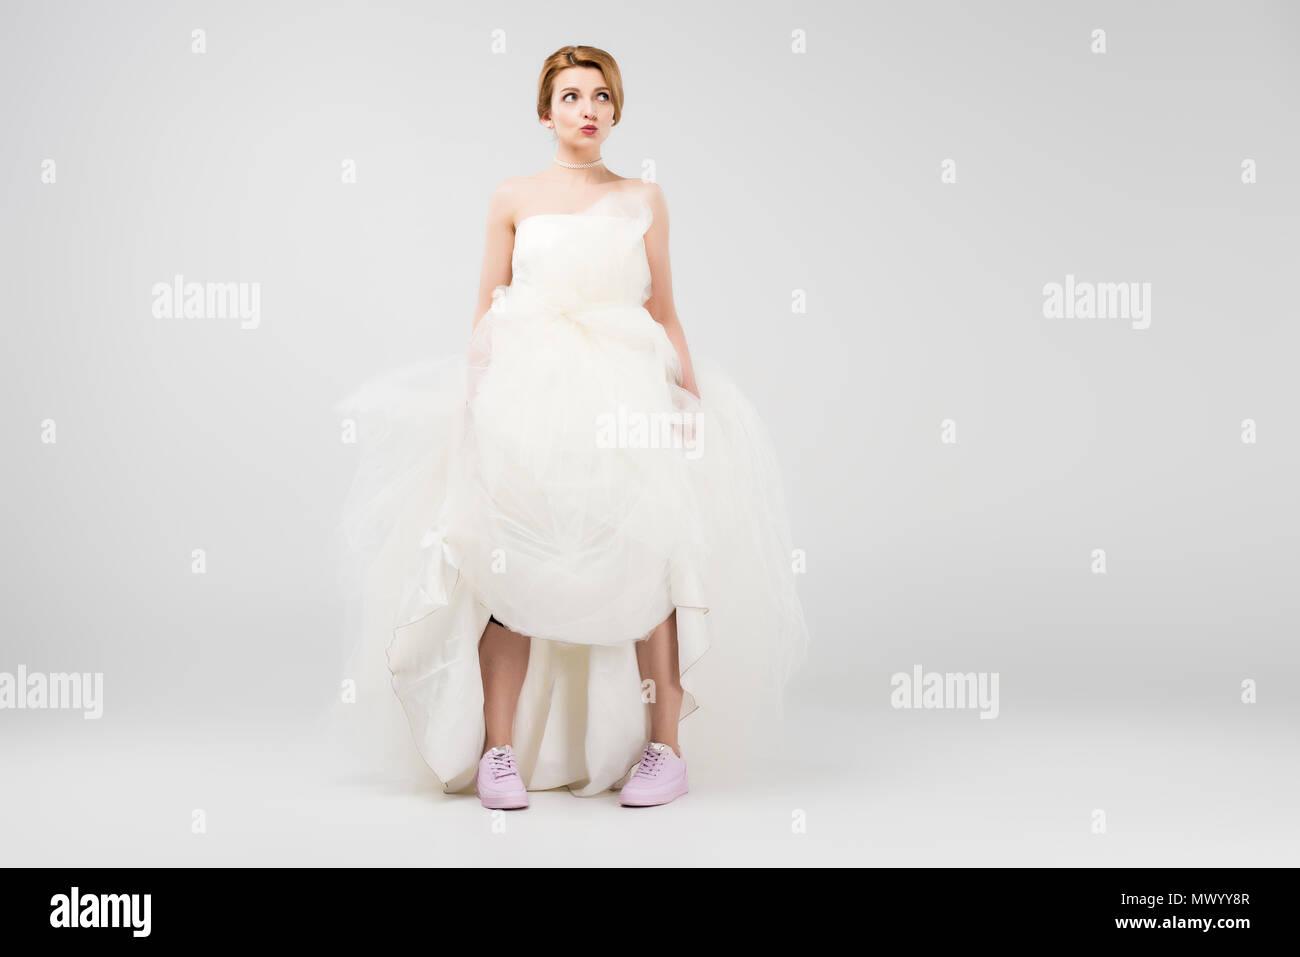 classic fit cd753 88730 Glückliche Braut im weissen Brautkleid und rosa Turnschuhe ...